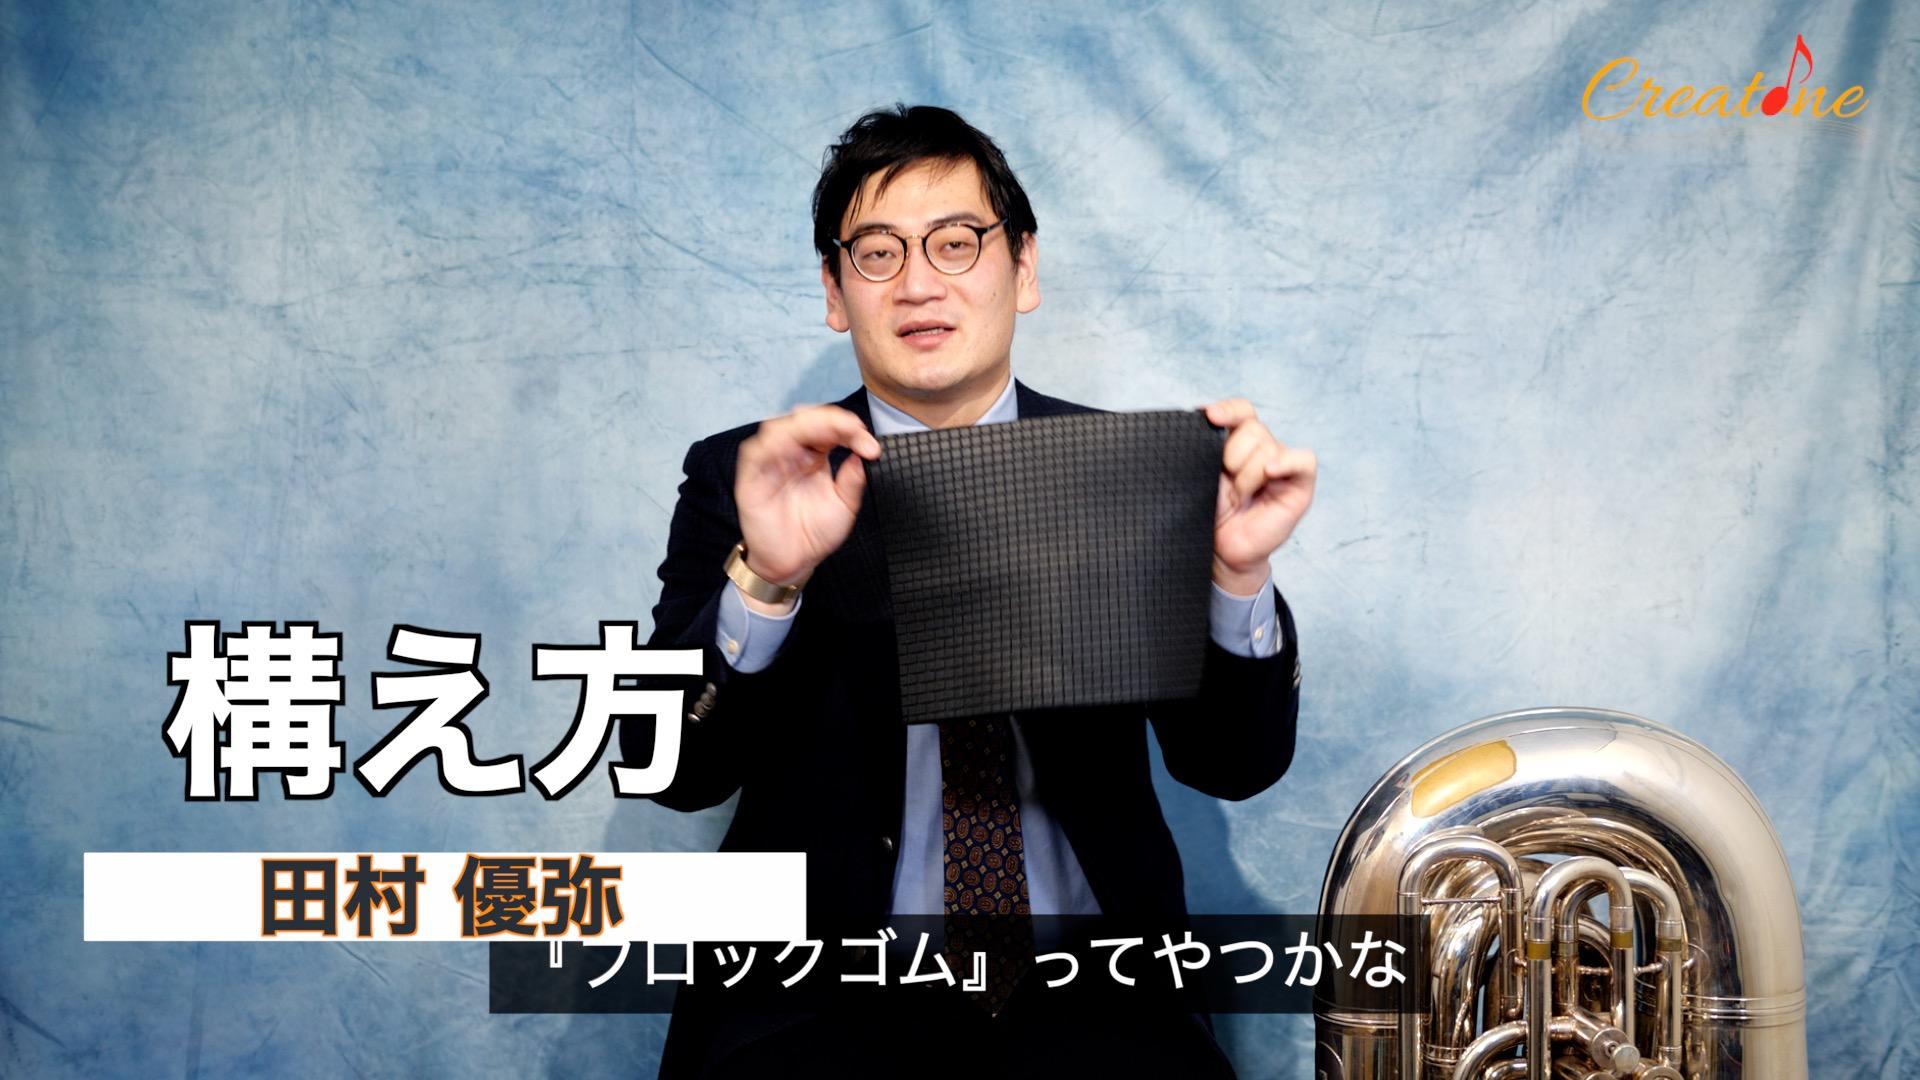 田村優弥3 構え方 サムネ